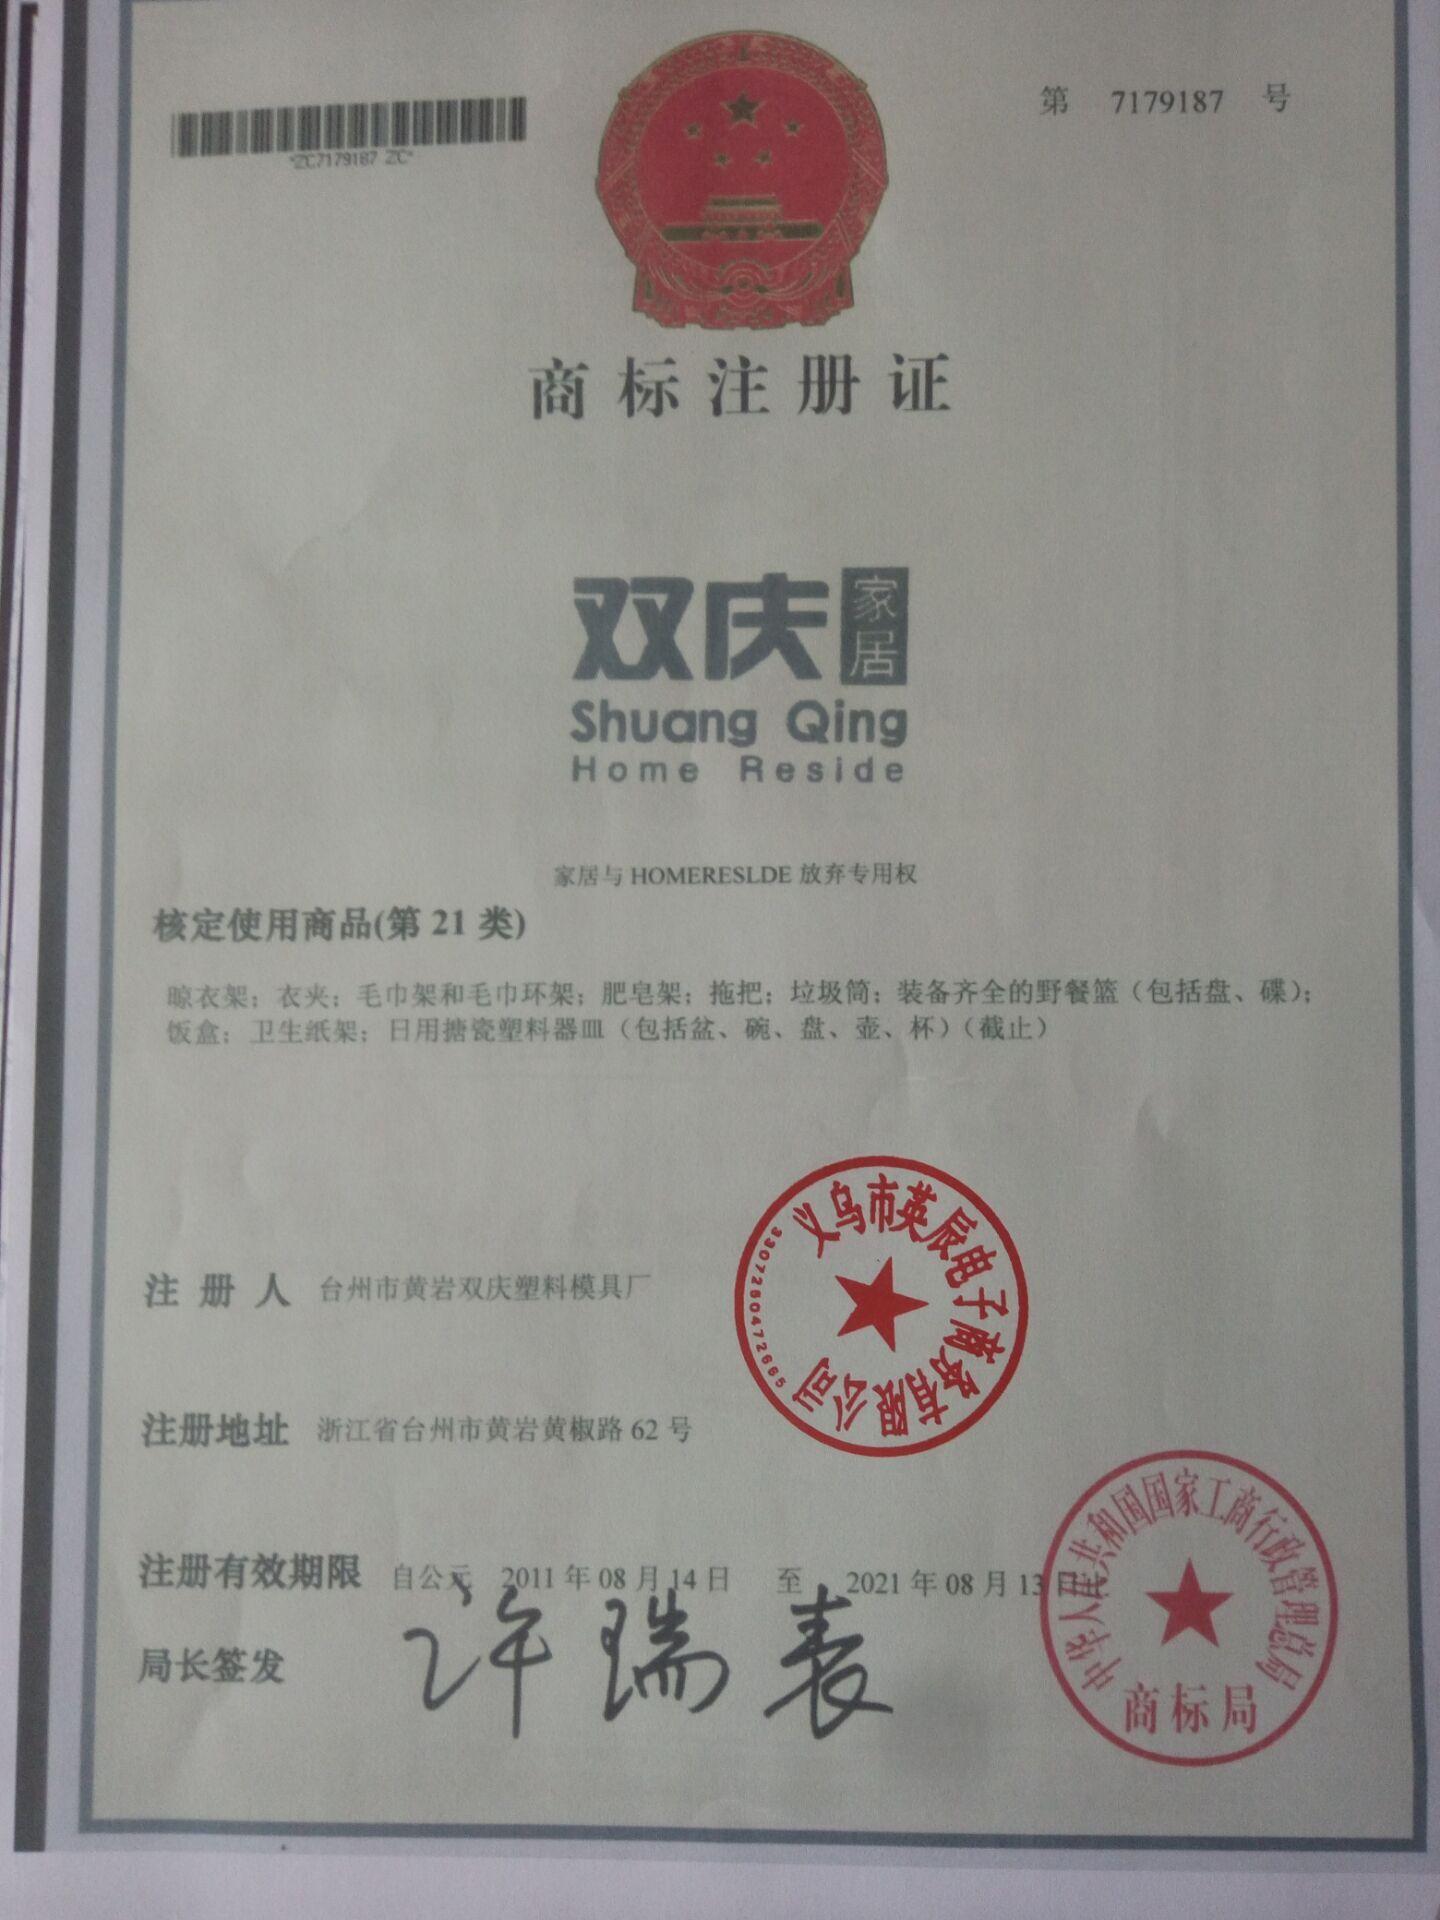 双庆家居(ShuangQingHomeReside)